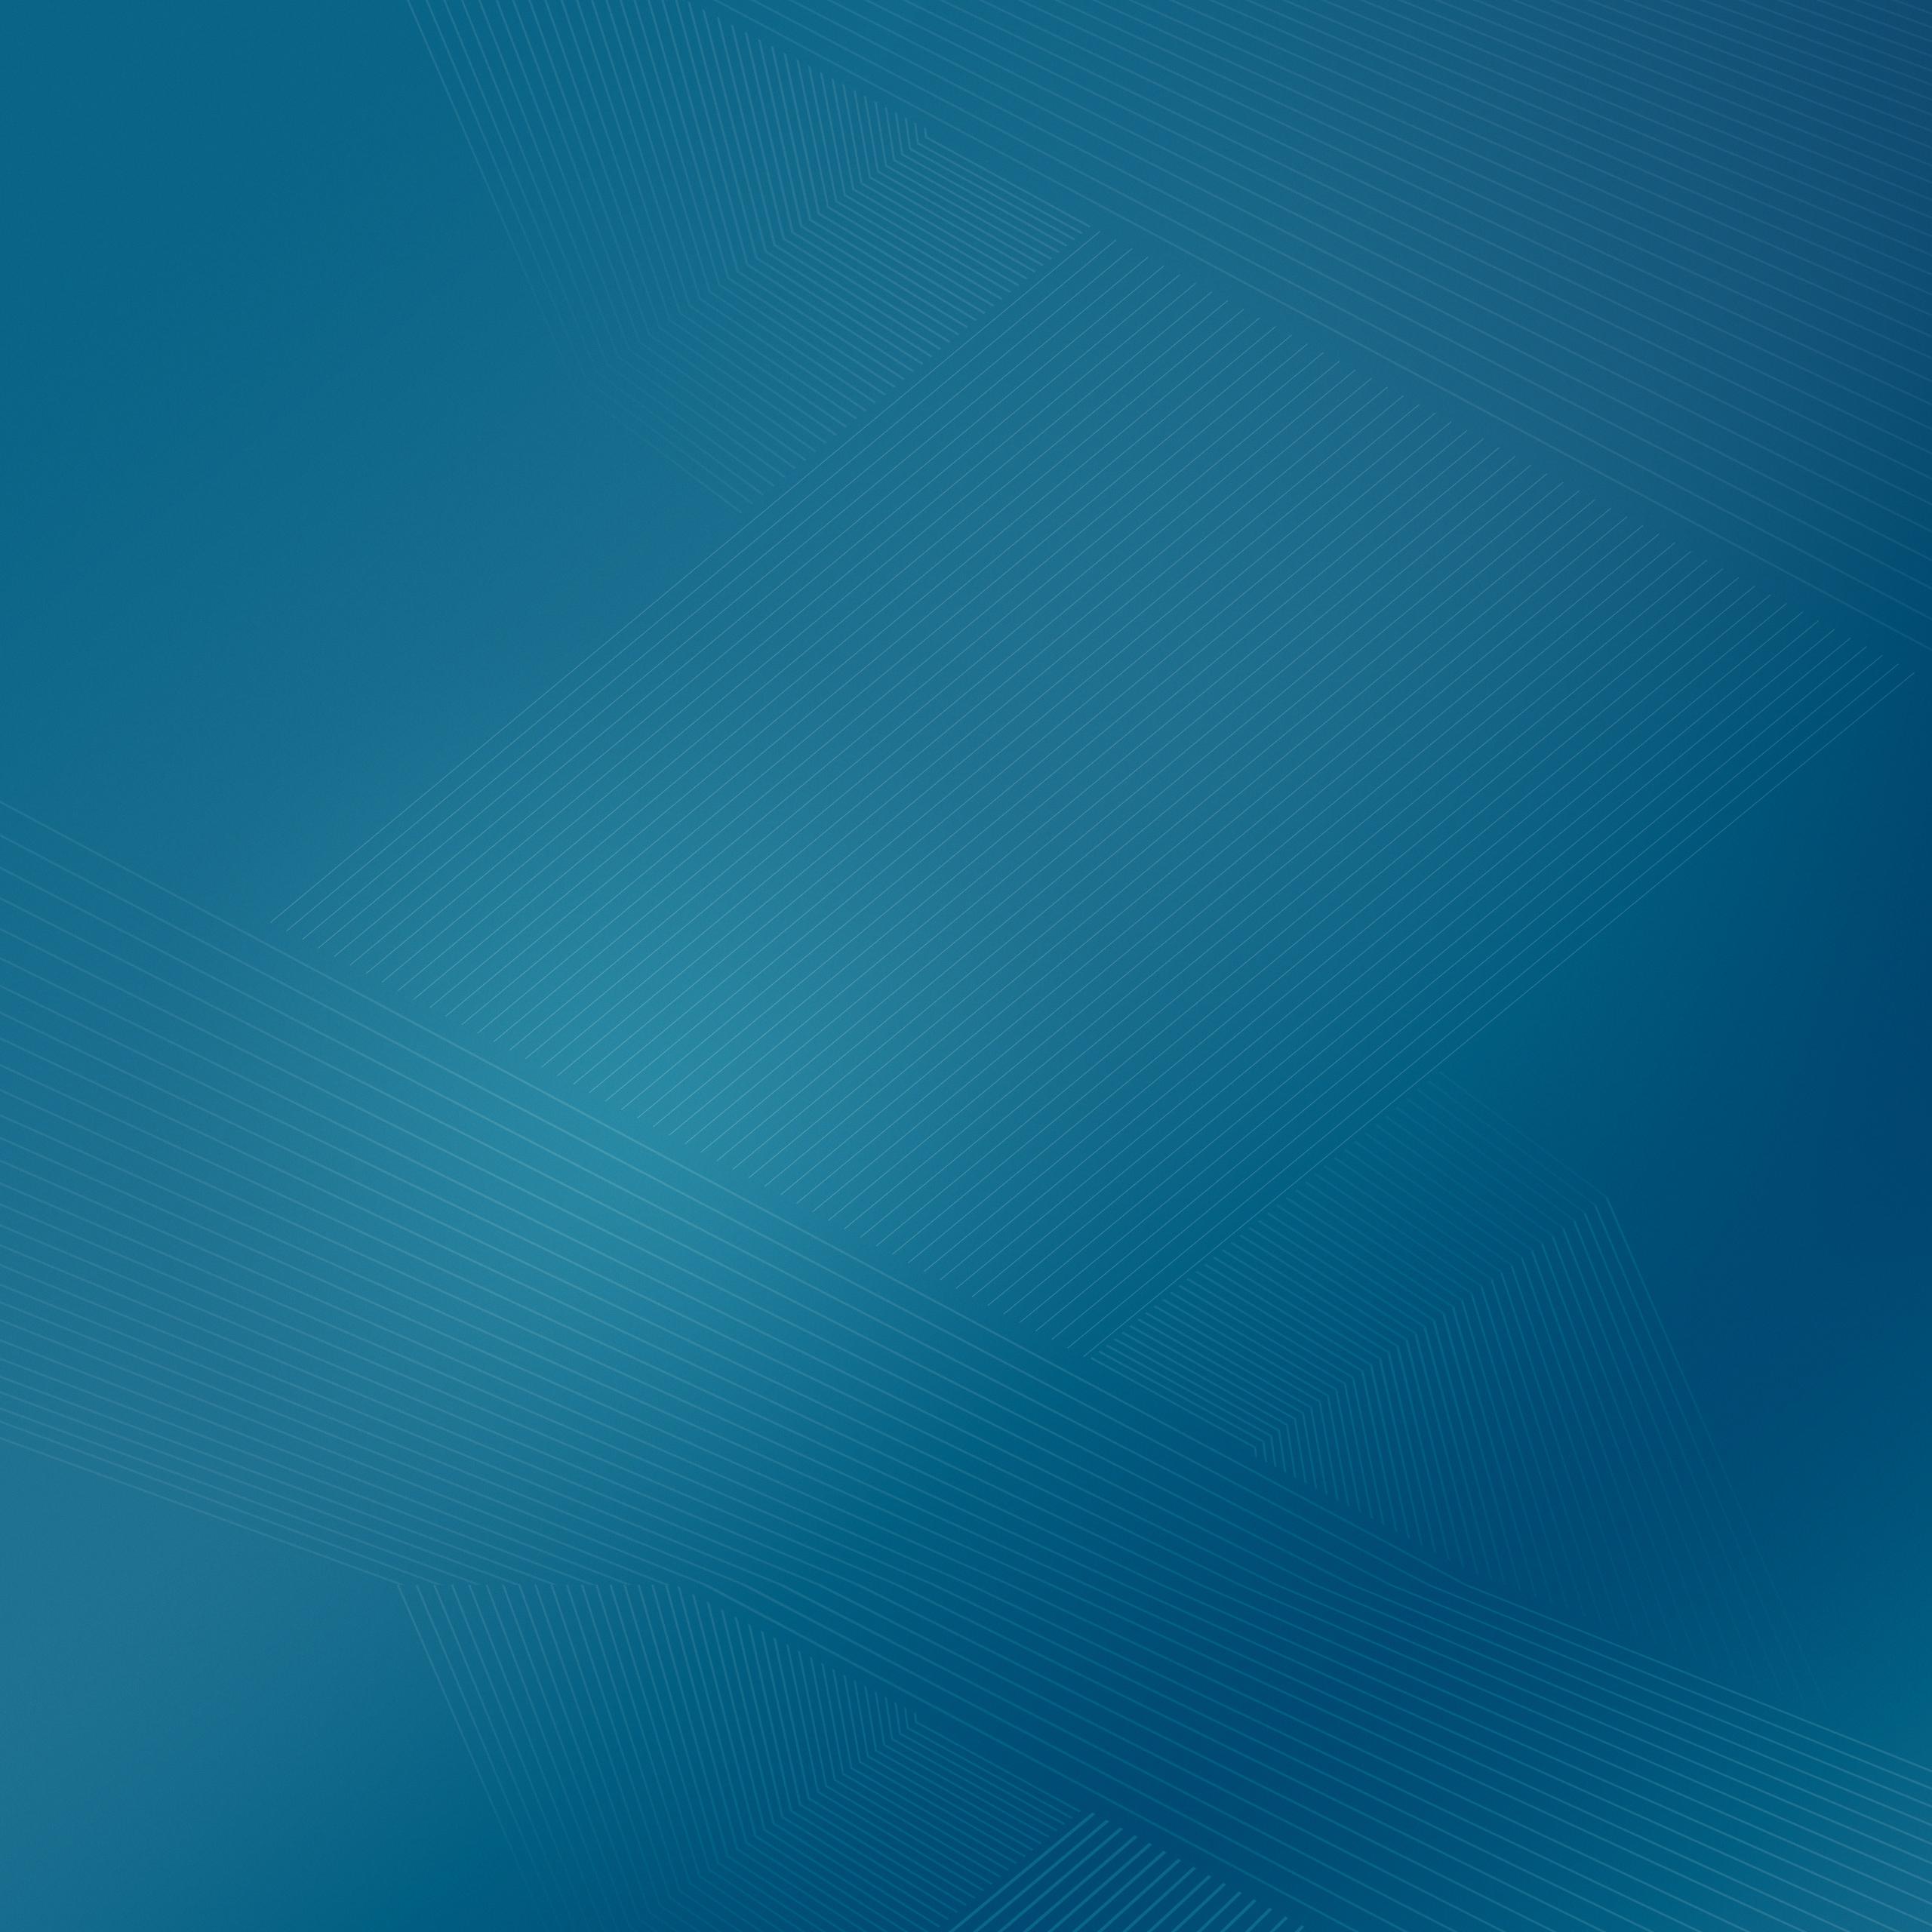 Samsung Galaxy S7 edge Wasserdichte Bauteile Wallpaper zum 2560x2560